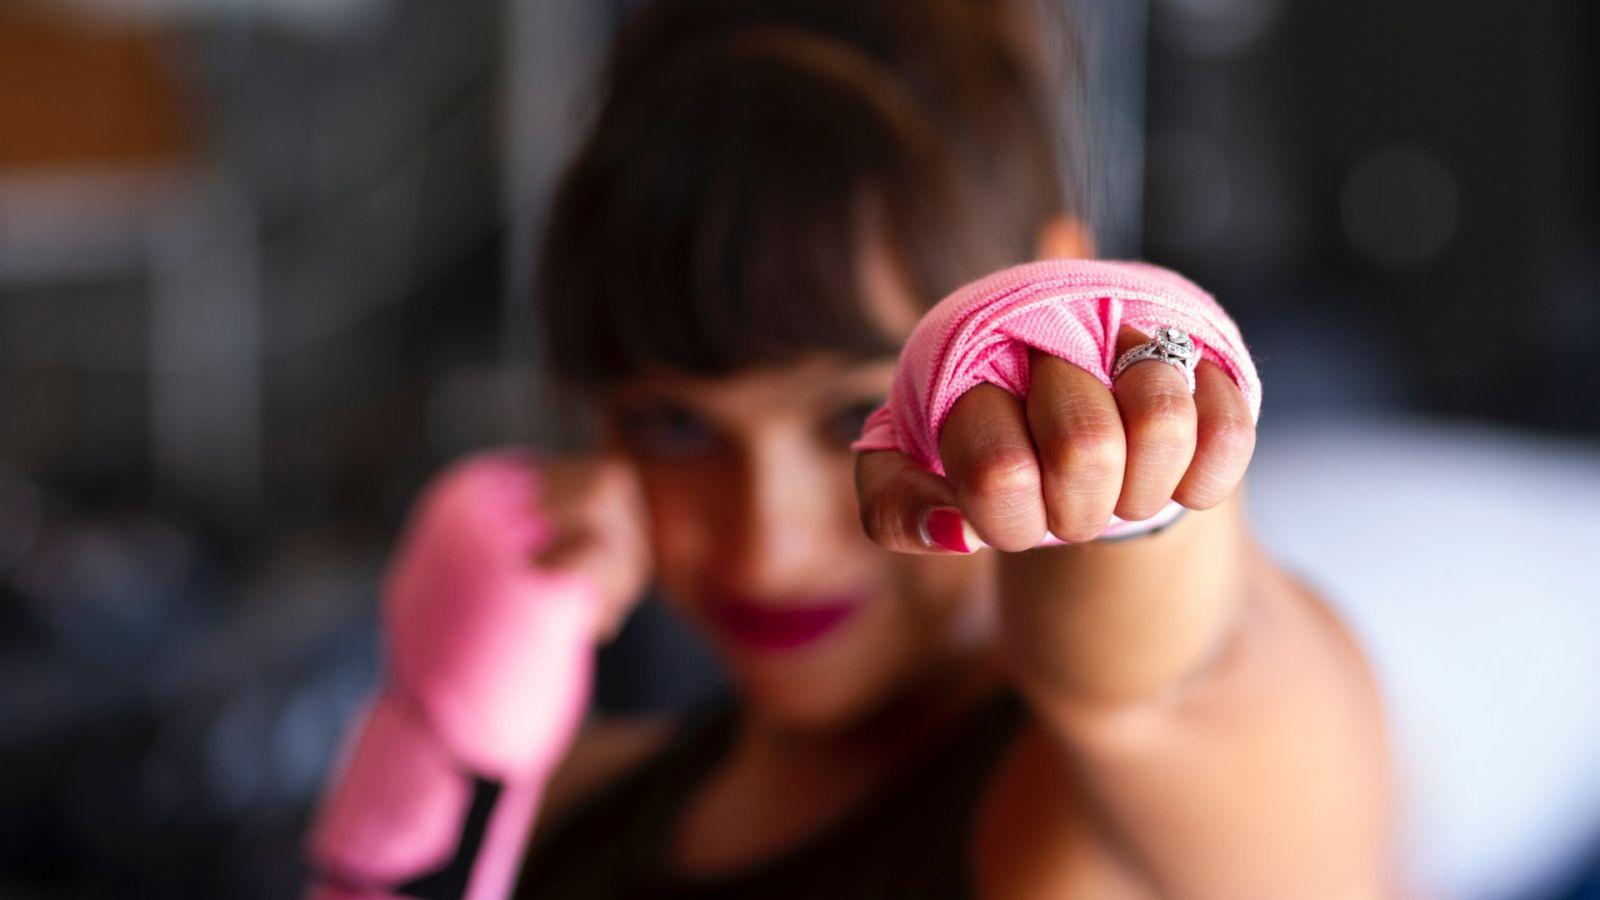 Παγκόσμια Ημέρα για τον Καρκίνο του Μαστού: Η 25η Οκτωβρίου μας υπενθυμίζει ότι η μάχη μπορεί να κερδηθεί